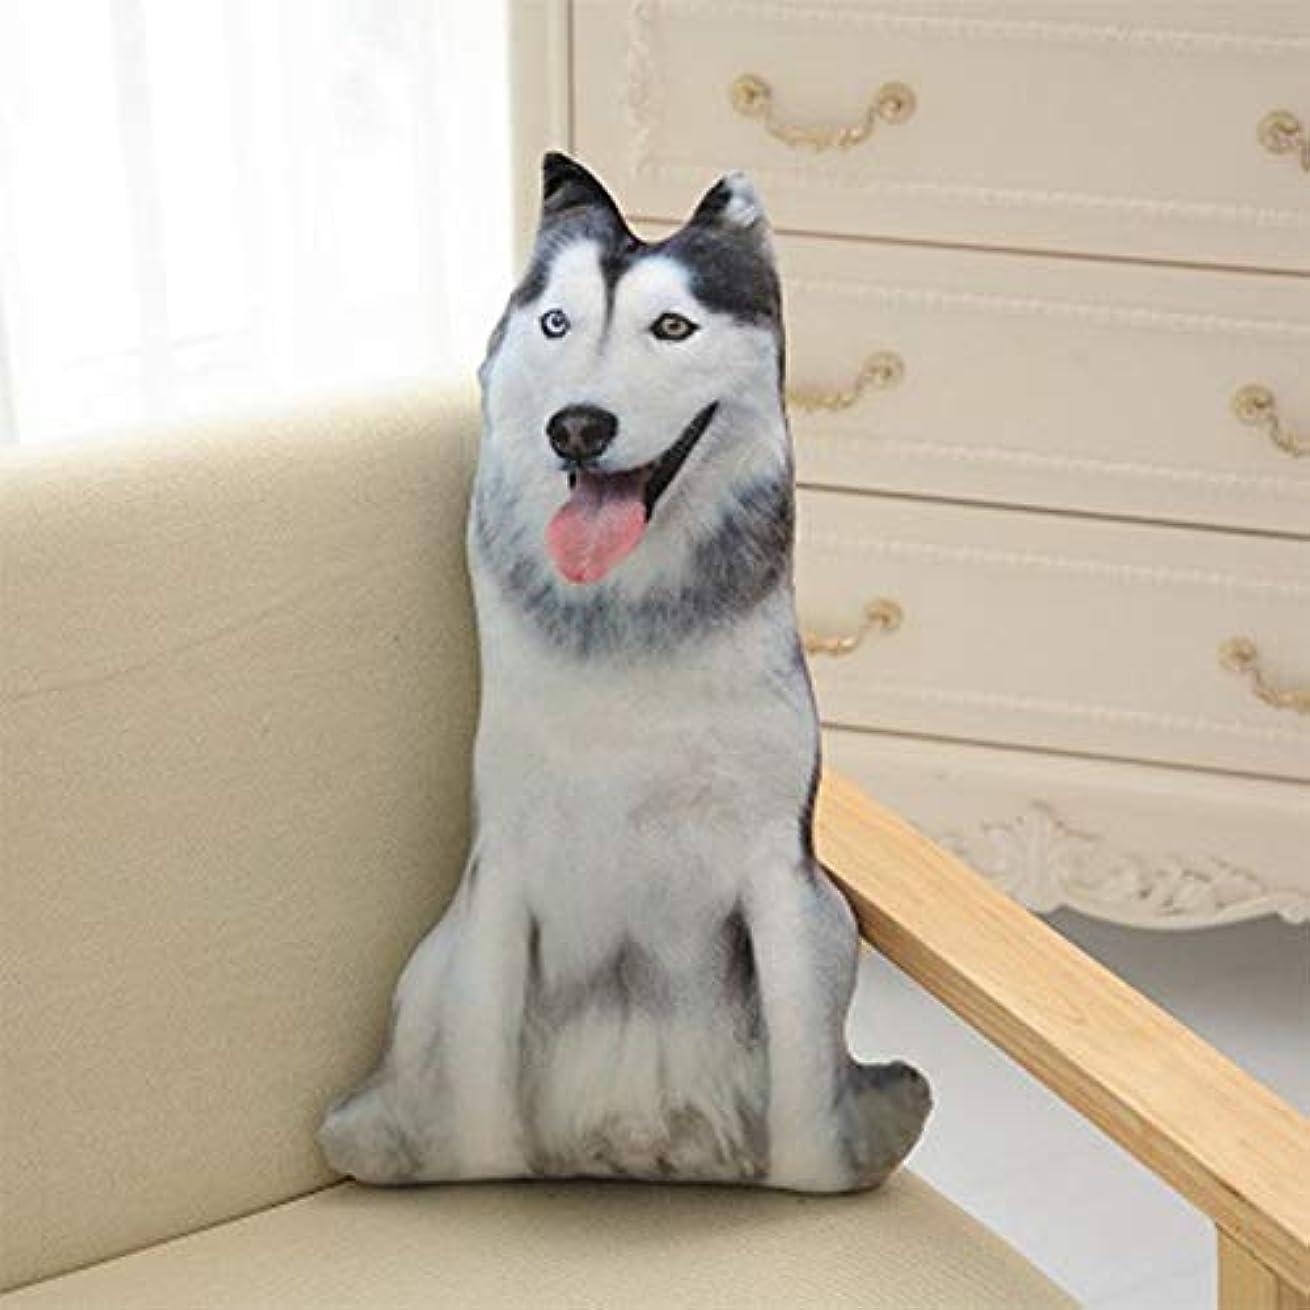 蛾詐欺師カレンダーLIFE 3D プリントシミュレーション犬ぬいぐるみクッションぬいぐるみ犬ぬいぐるみ枕ぬいぐるみの漫画クッションキッズ人形ベストギフト クッション 椅子